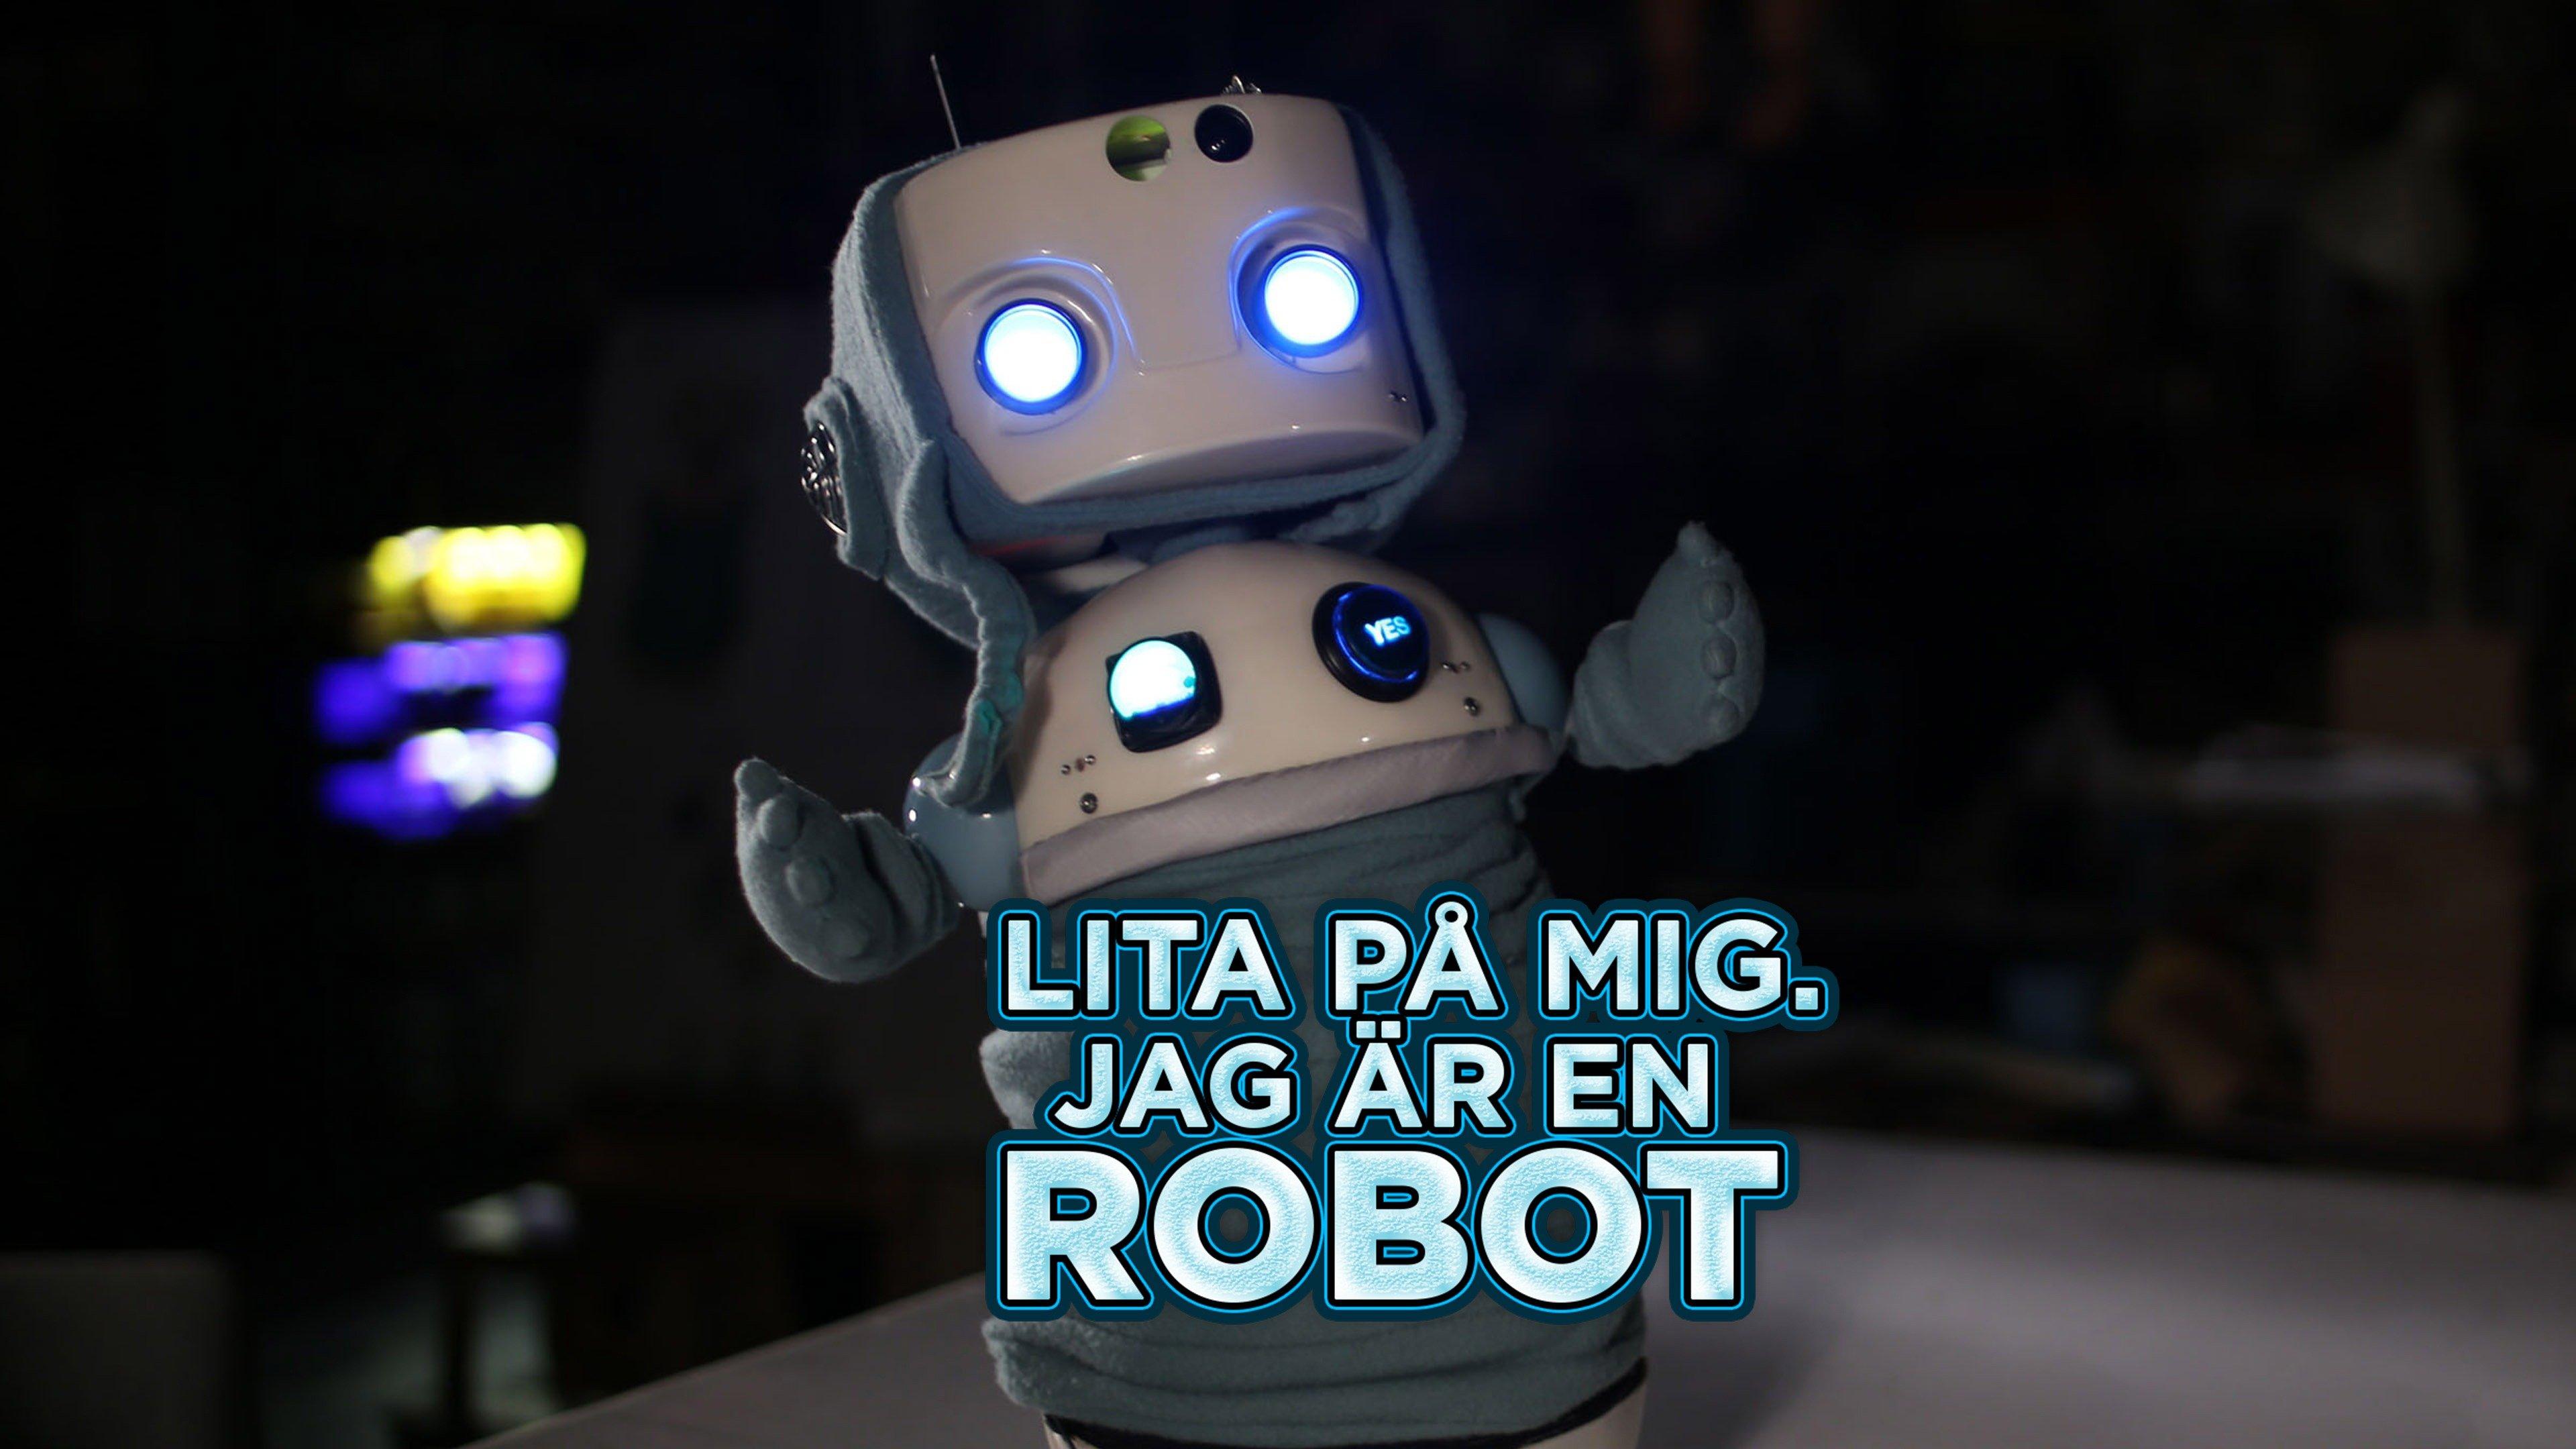 Lita på mig. Jag är en robot